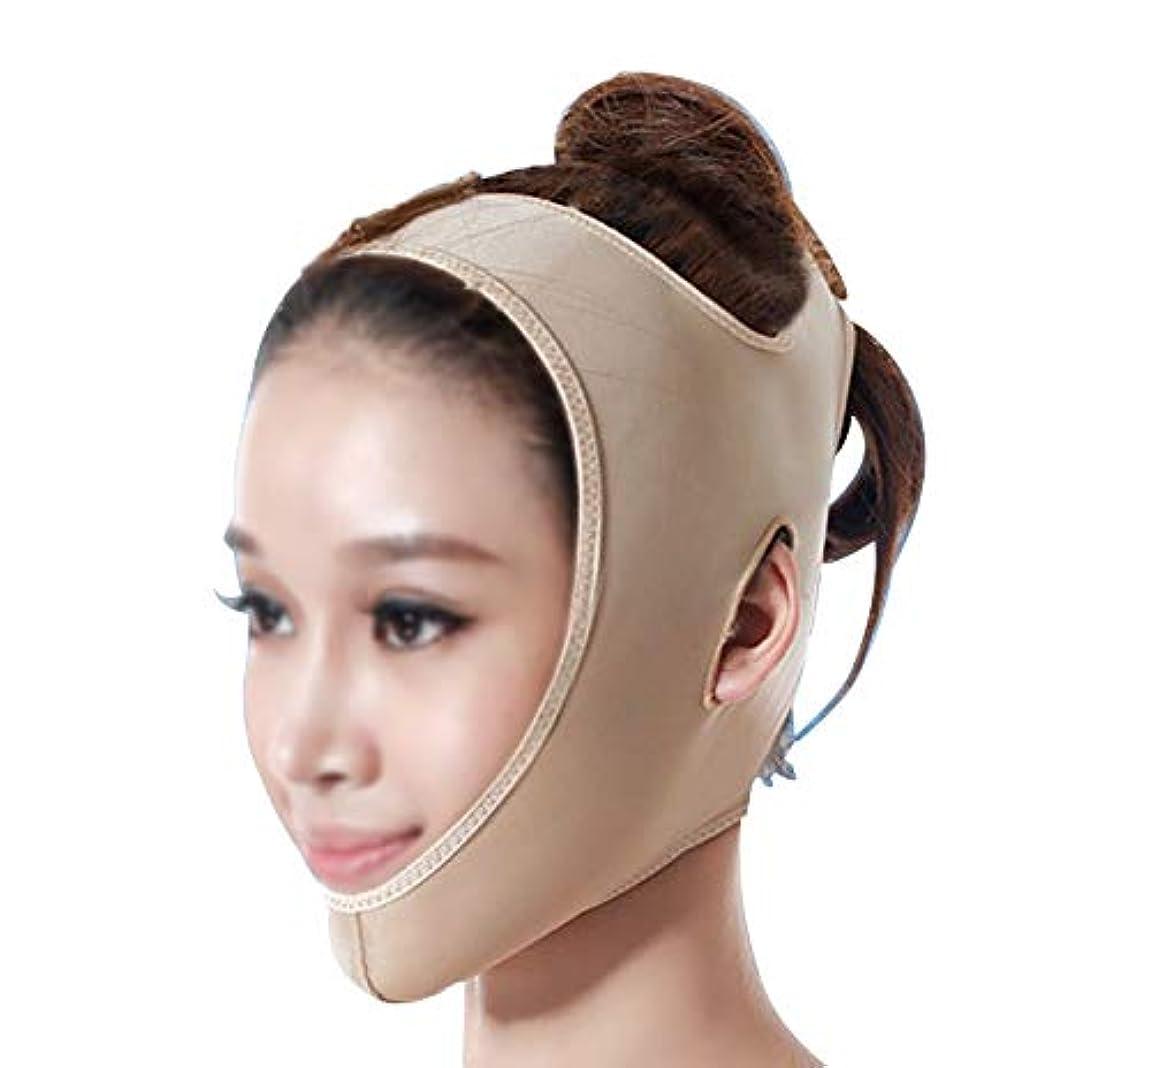 ハッピー病危険なGLJJQMY 引き締めマスクマスク美容薬マスク美容V顔包帯ライン彫刻引き締めしっかりダブルチンマスク 顔用整形マスク (Size : M)